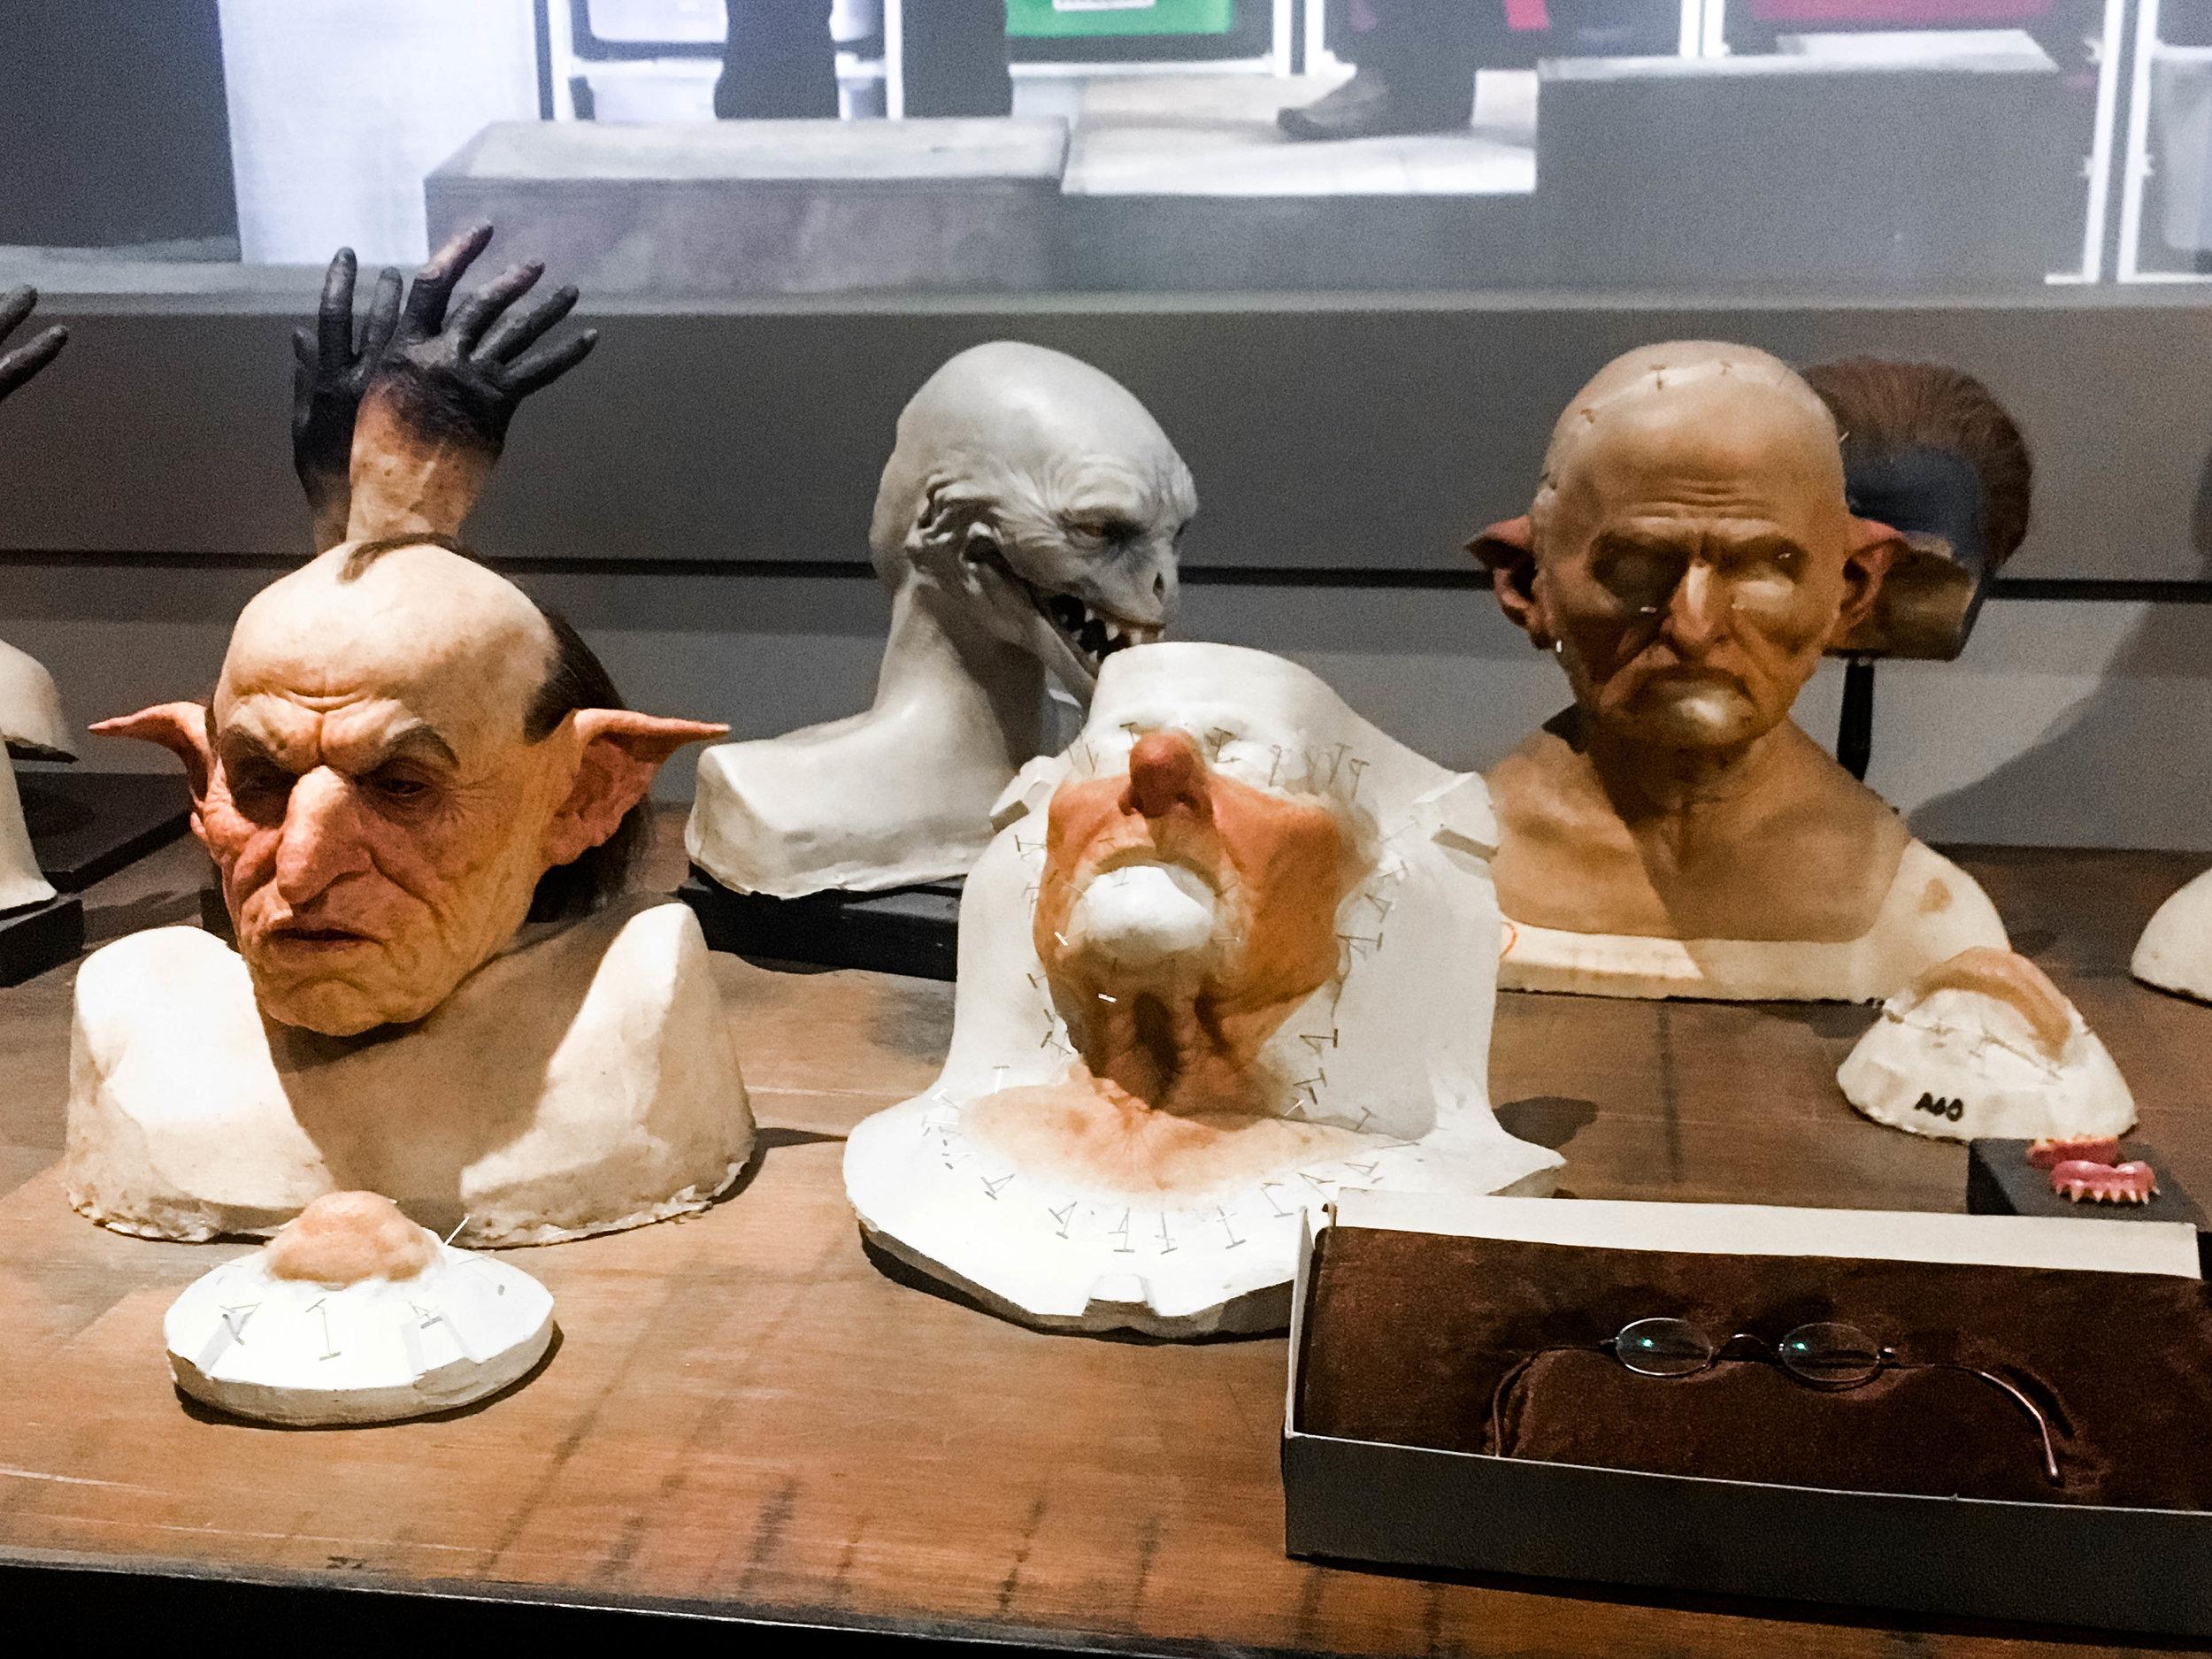 Harry Potter Goblins.jpg